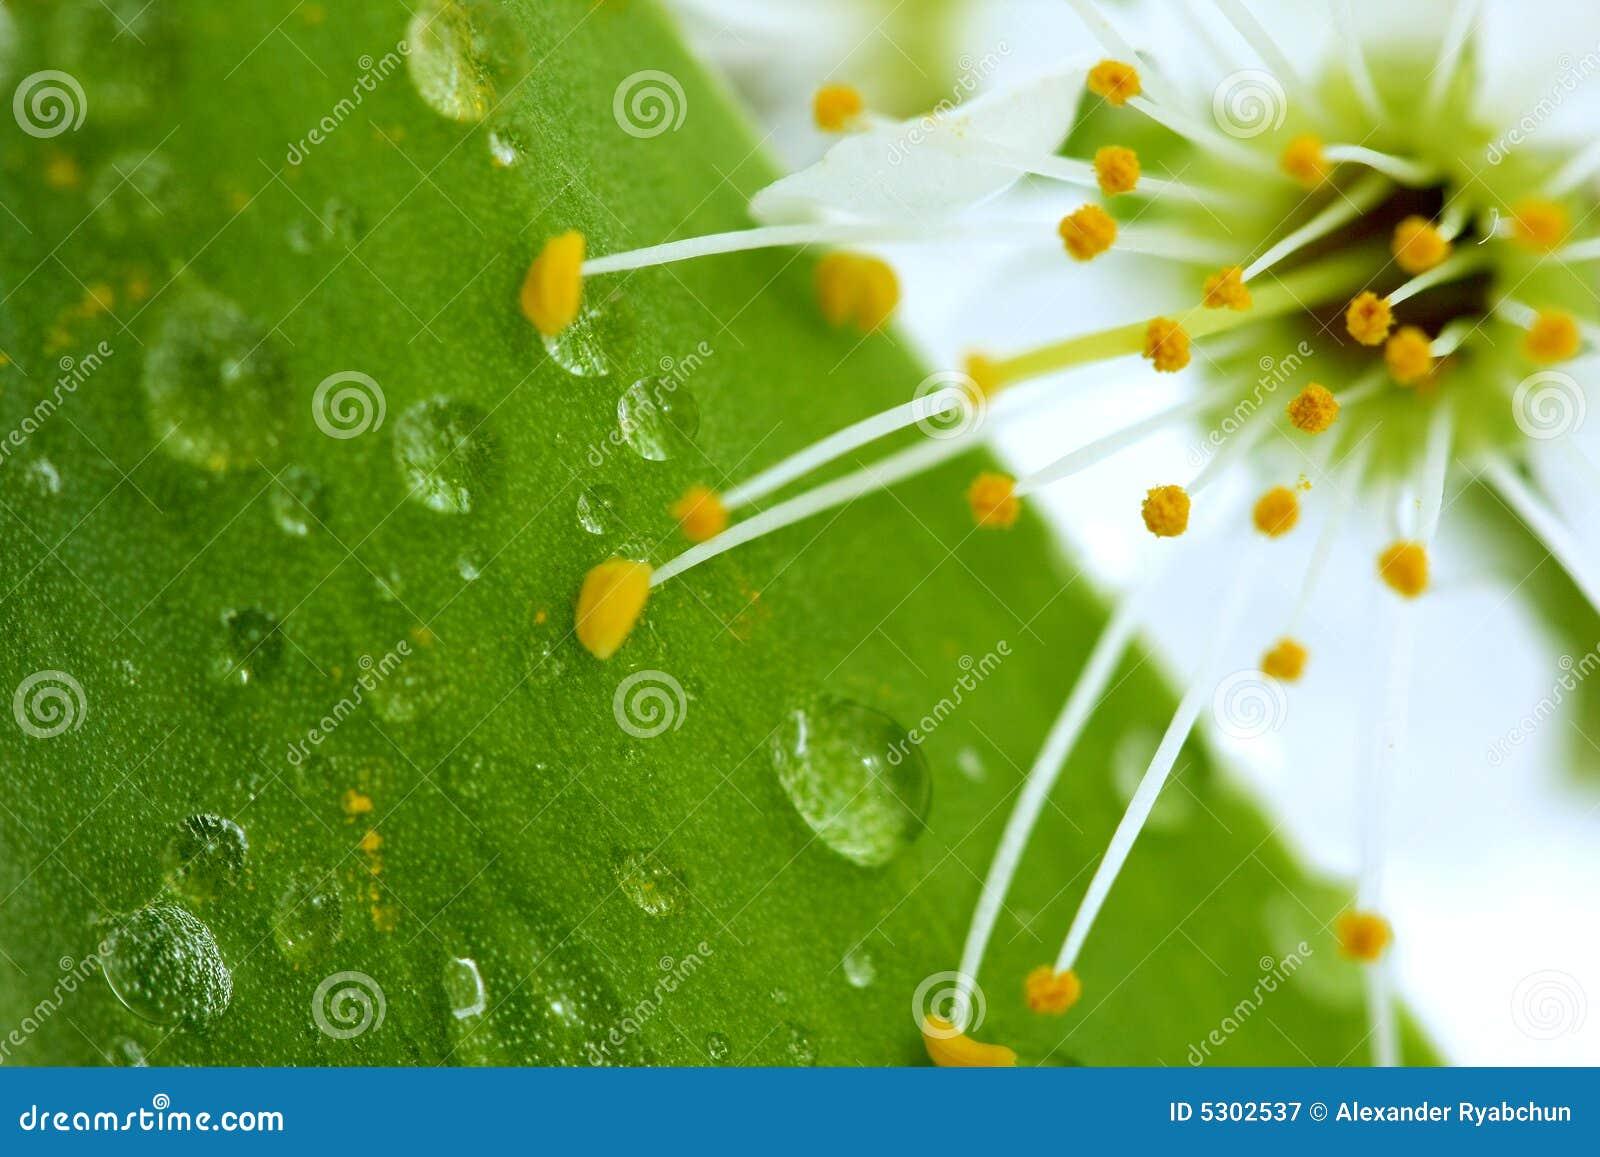 Download Fiore Di Ciliegia Sul Foglio Verde Immagine Stock - Immagine di bellezza, condensazione: 5302537